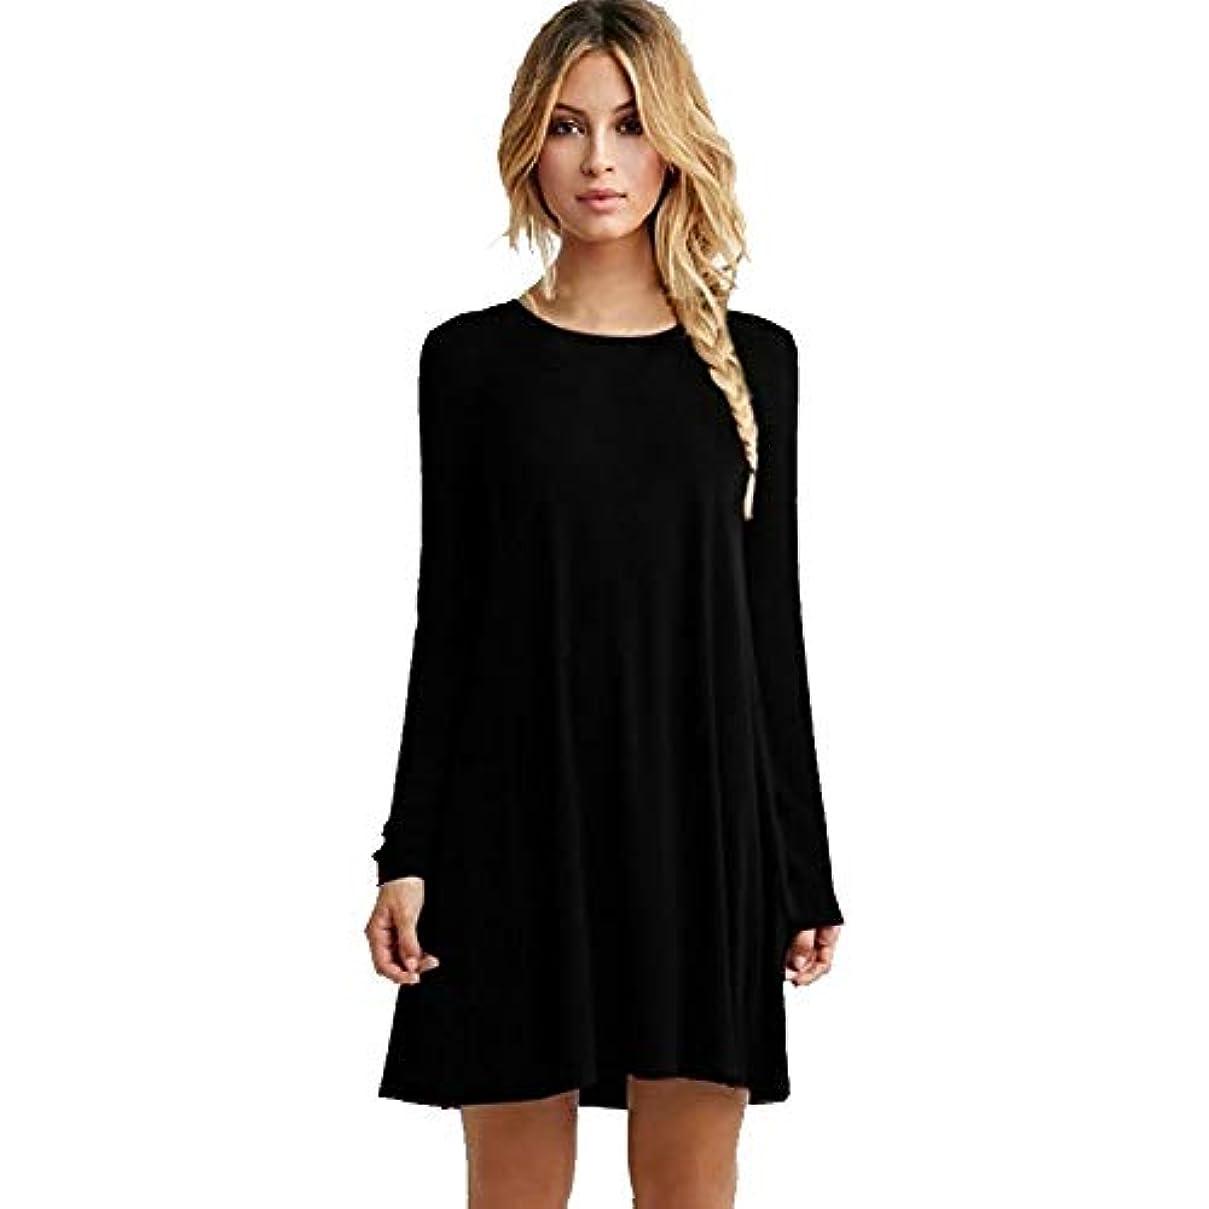 専門用語早熟怒るMIFANルースドレス、プラスサイズのドレス、長袖のドレス、女性のドレス、秋のドレス、マキシドレス、コットンドレス